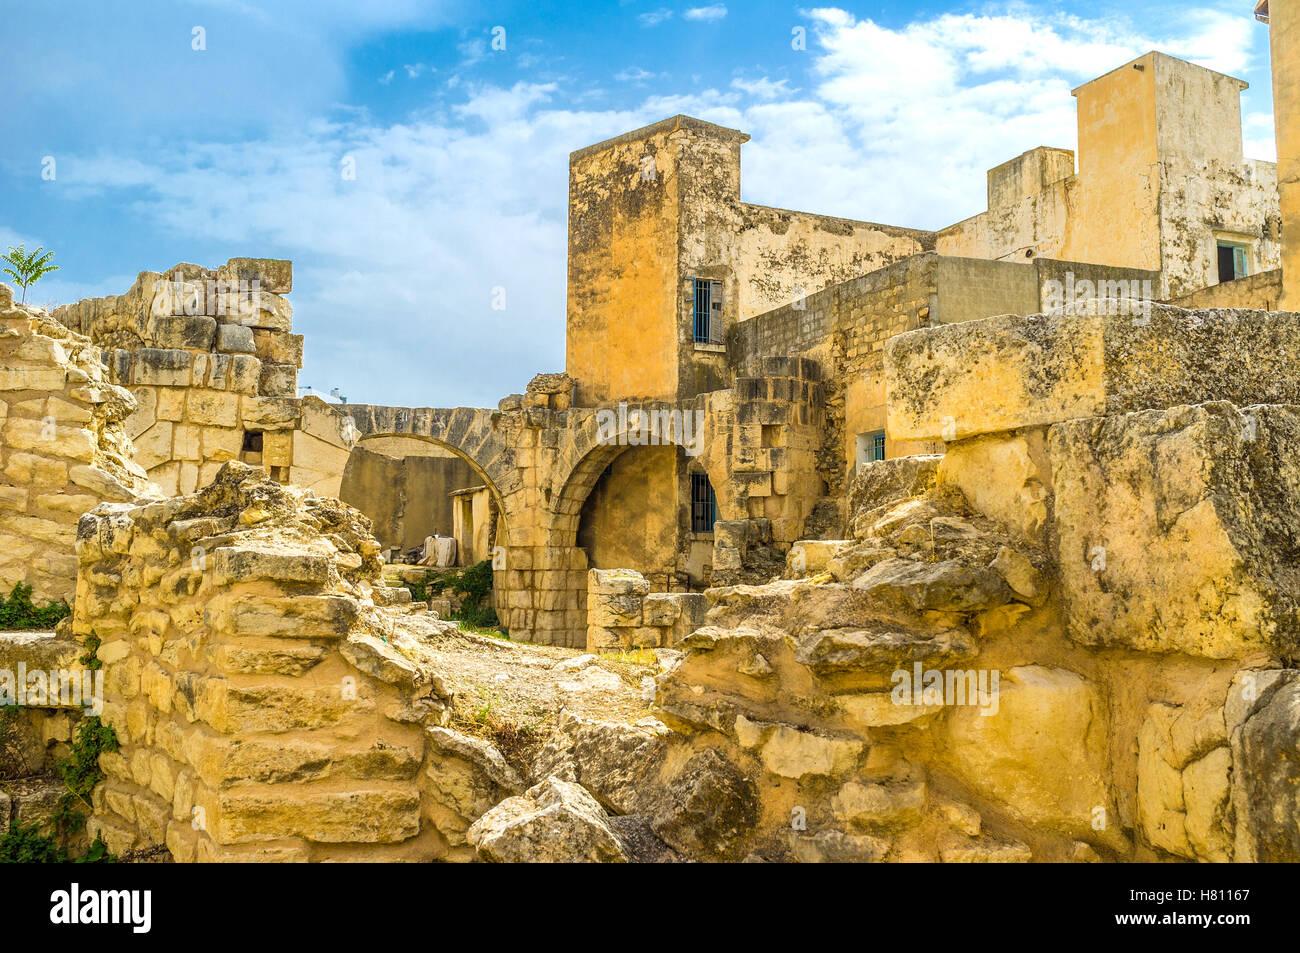 Le rovine del le cisterne bagni romani tra i quartieri residenziali di vecchi EL KEF, Tunisia. Immagini Stock